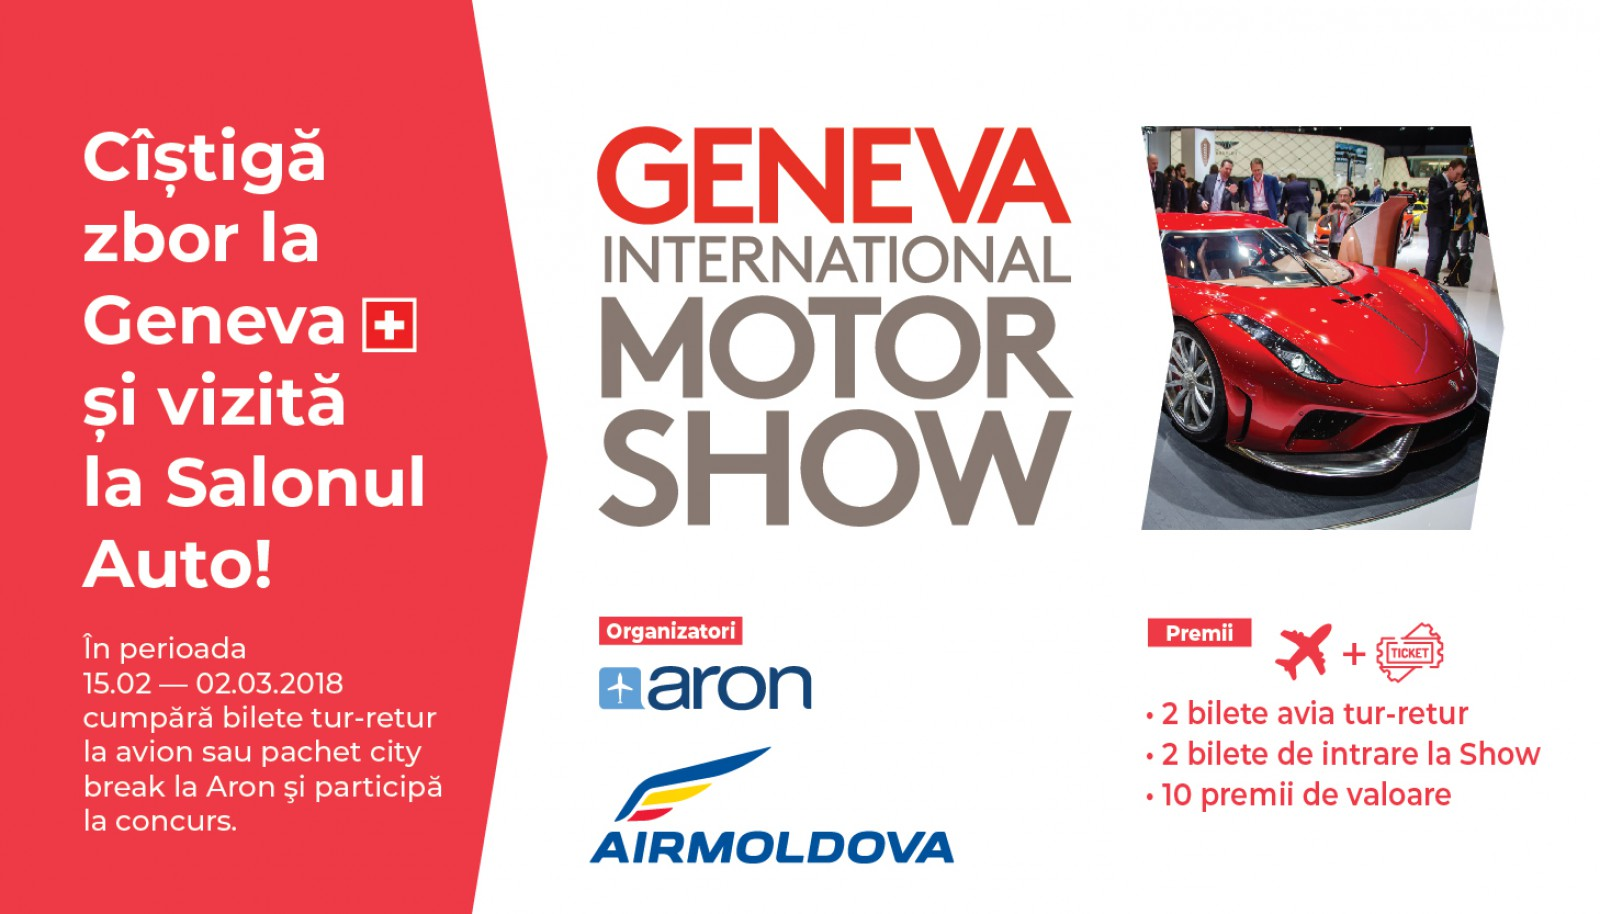 Câştigă zbor la Geneva și o vizită la Salonul Auto!